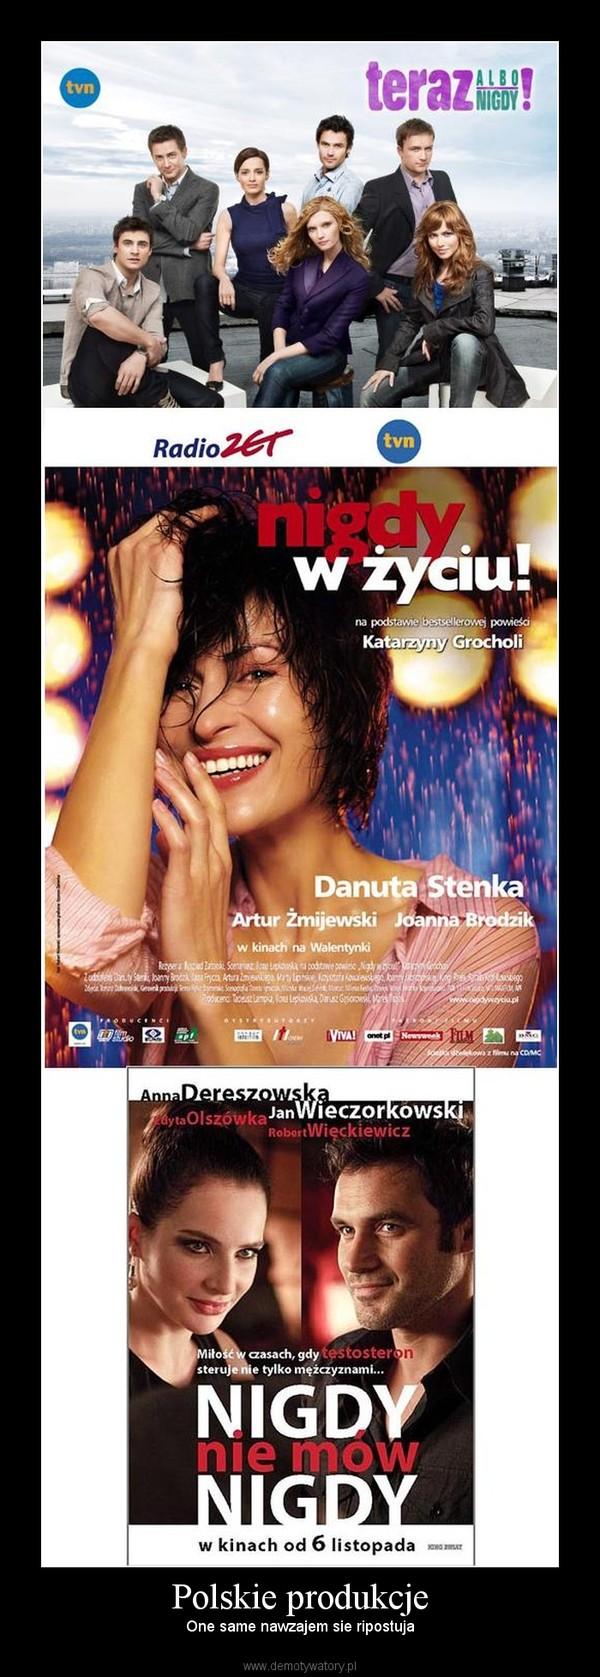 Polskie produkcje – One same nawzajem sie ripostuja